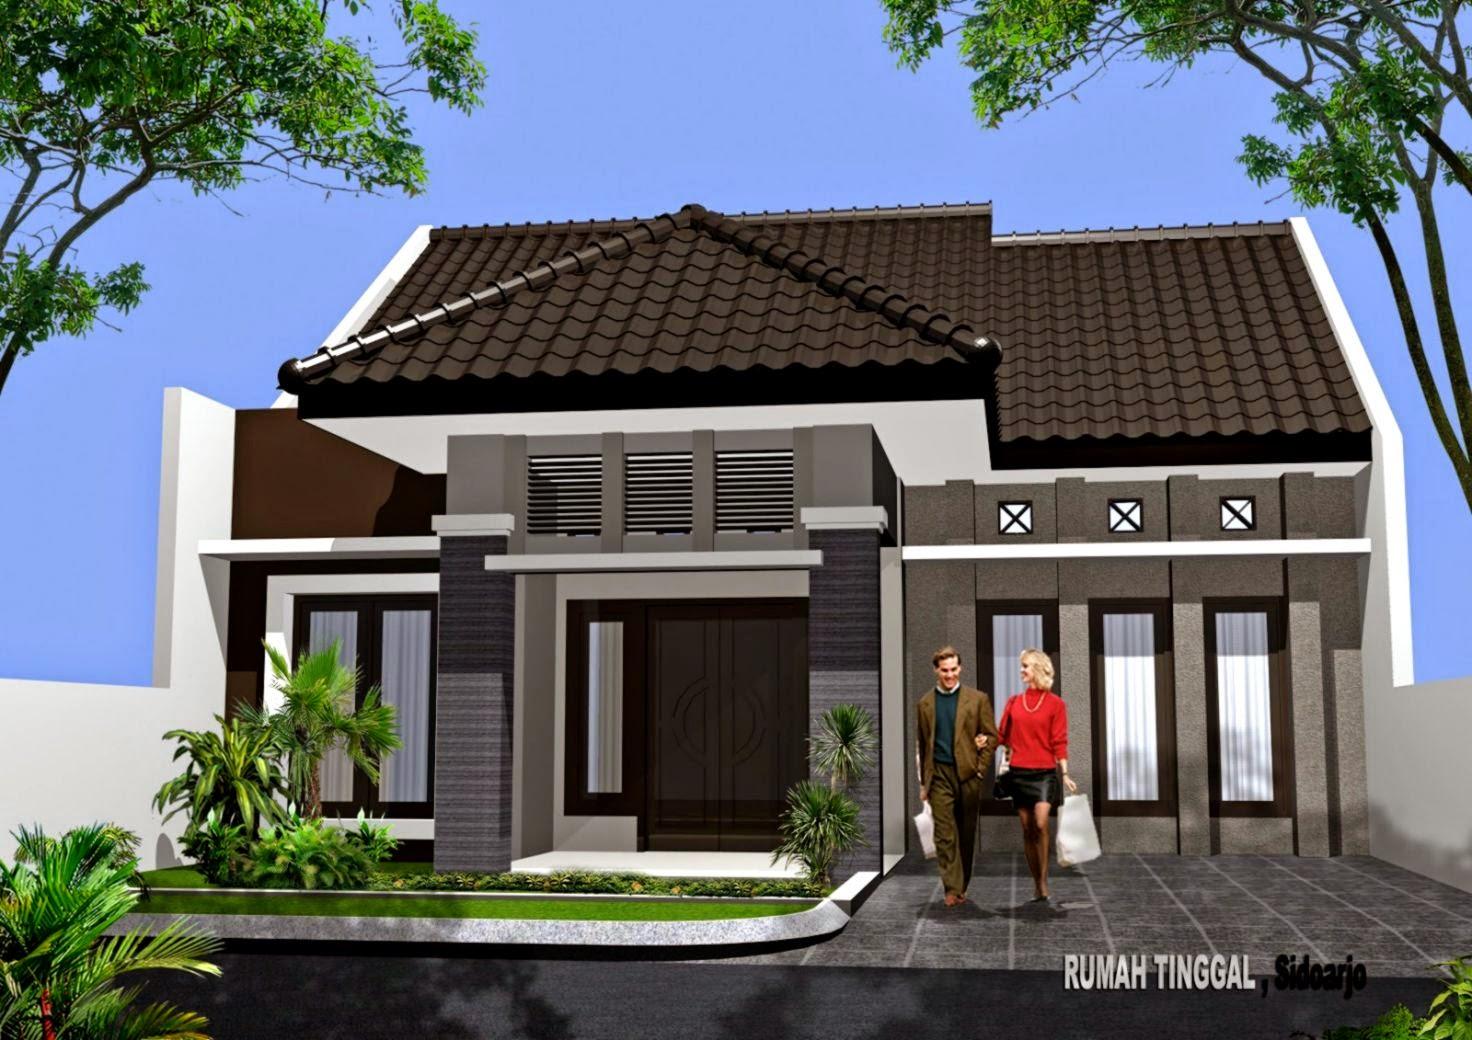 65 Desain Rumah Minimalis 2 Lantai Bentuk L Seon One Stop Solution